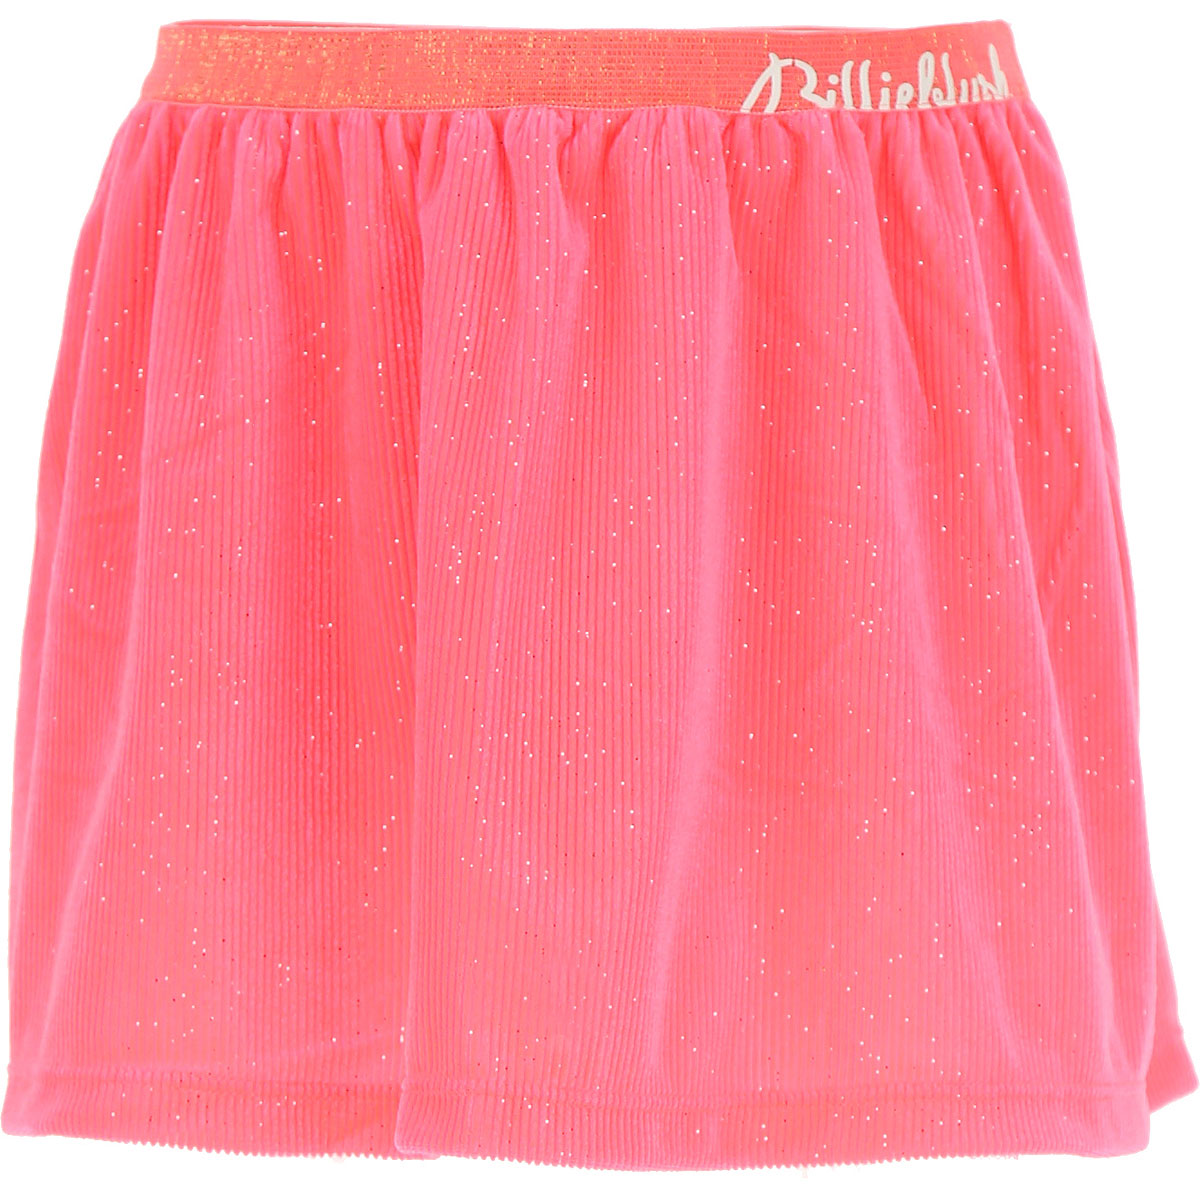 Image of Billieblush Kids Skirts for Girls, Fluo Fuchsia, polyester, 2017, 10Y 3Y 4Y 5Y 6Y 8Y